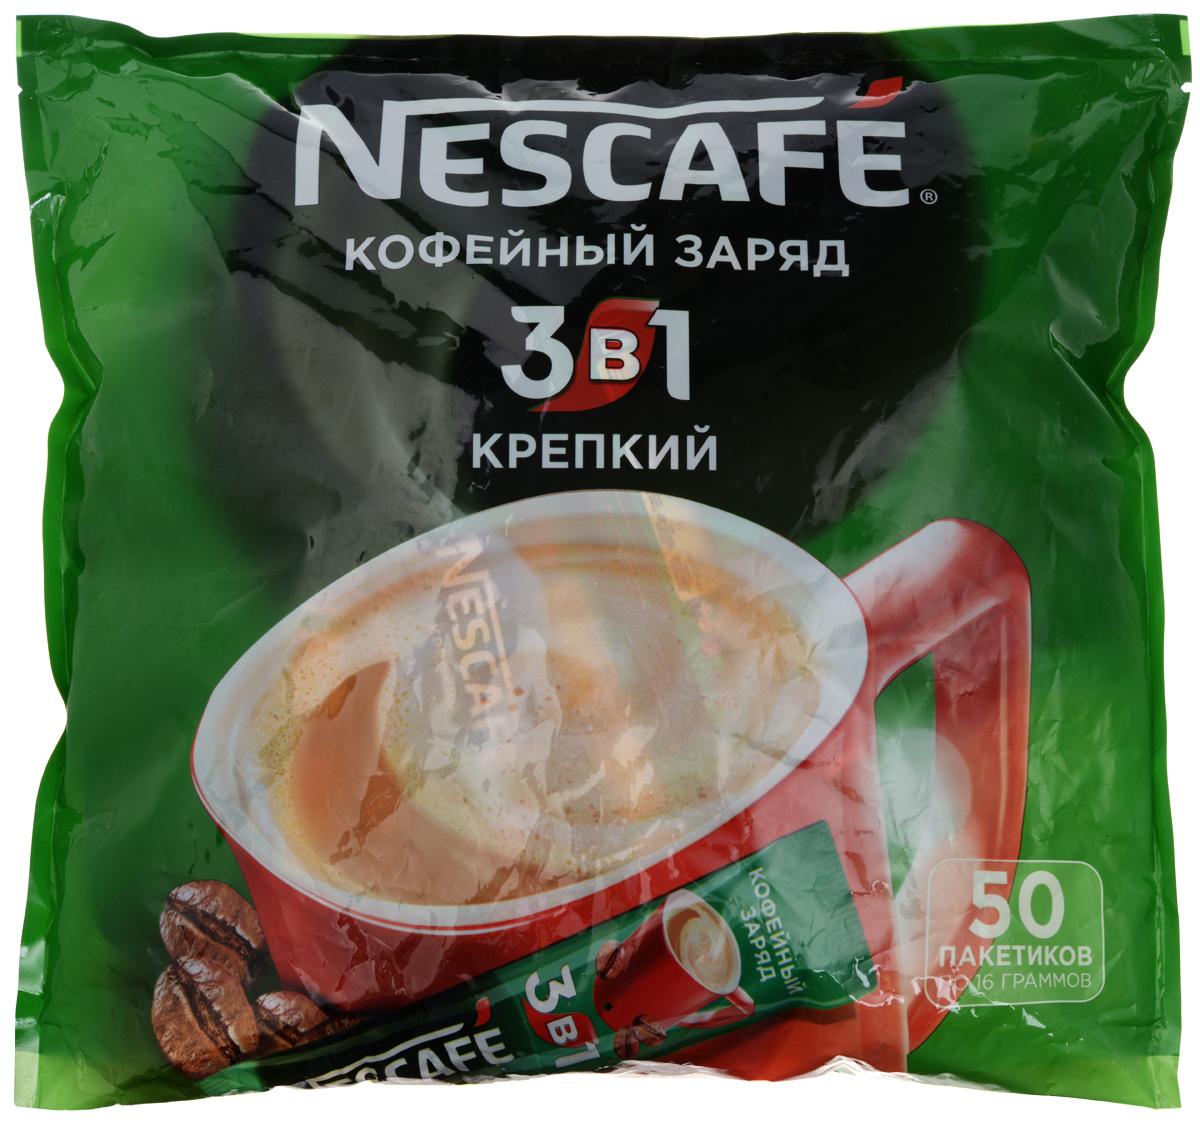 Nescafe 3 в 1 Крепкий кофе растворимый, 50 штS_000000627Nescafe 3 в 1 Крепкий - кофейно-сливочный напиток, в состав которого входят высококачественные ингредиенты: кофе Nescafe, сахар, сливки растительного происхождения. Каждый пакетик Nescafe 3 в 1 подарит вам идеальное сочетание кофе, сливок, сахара!